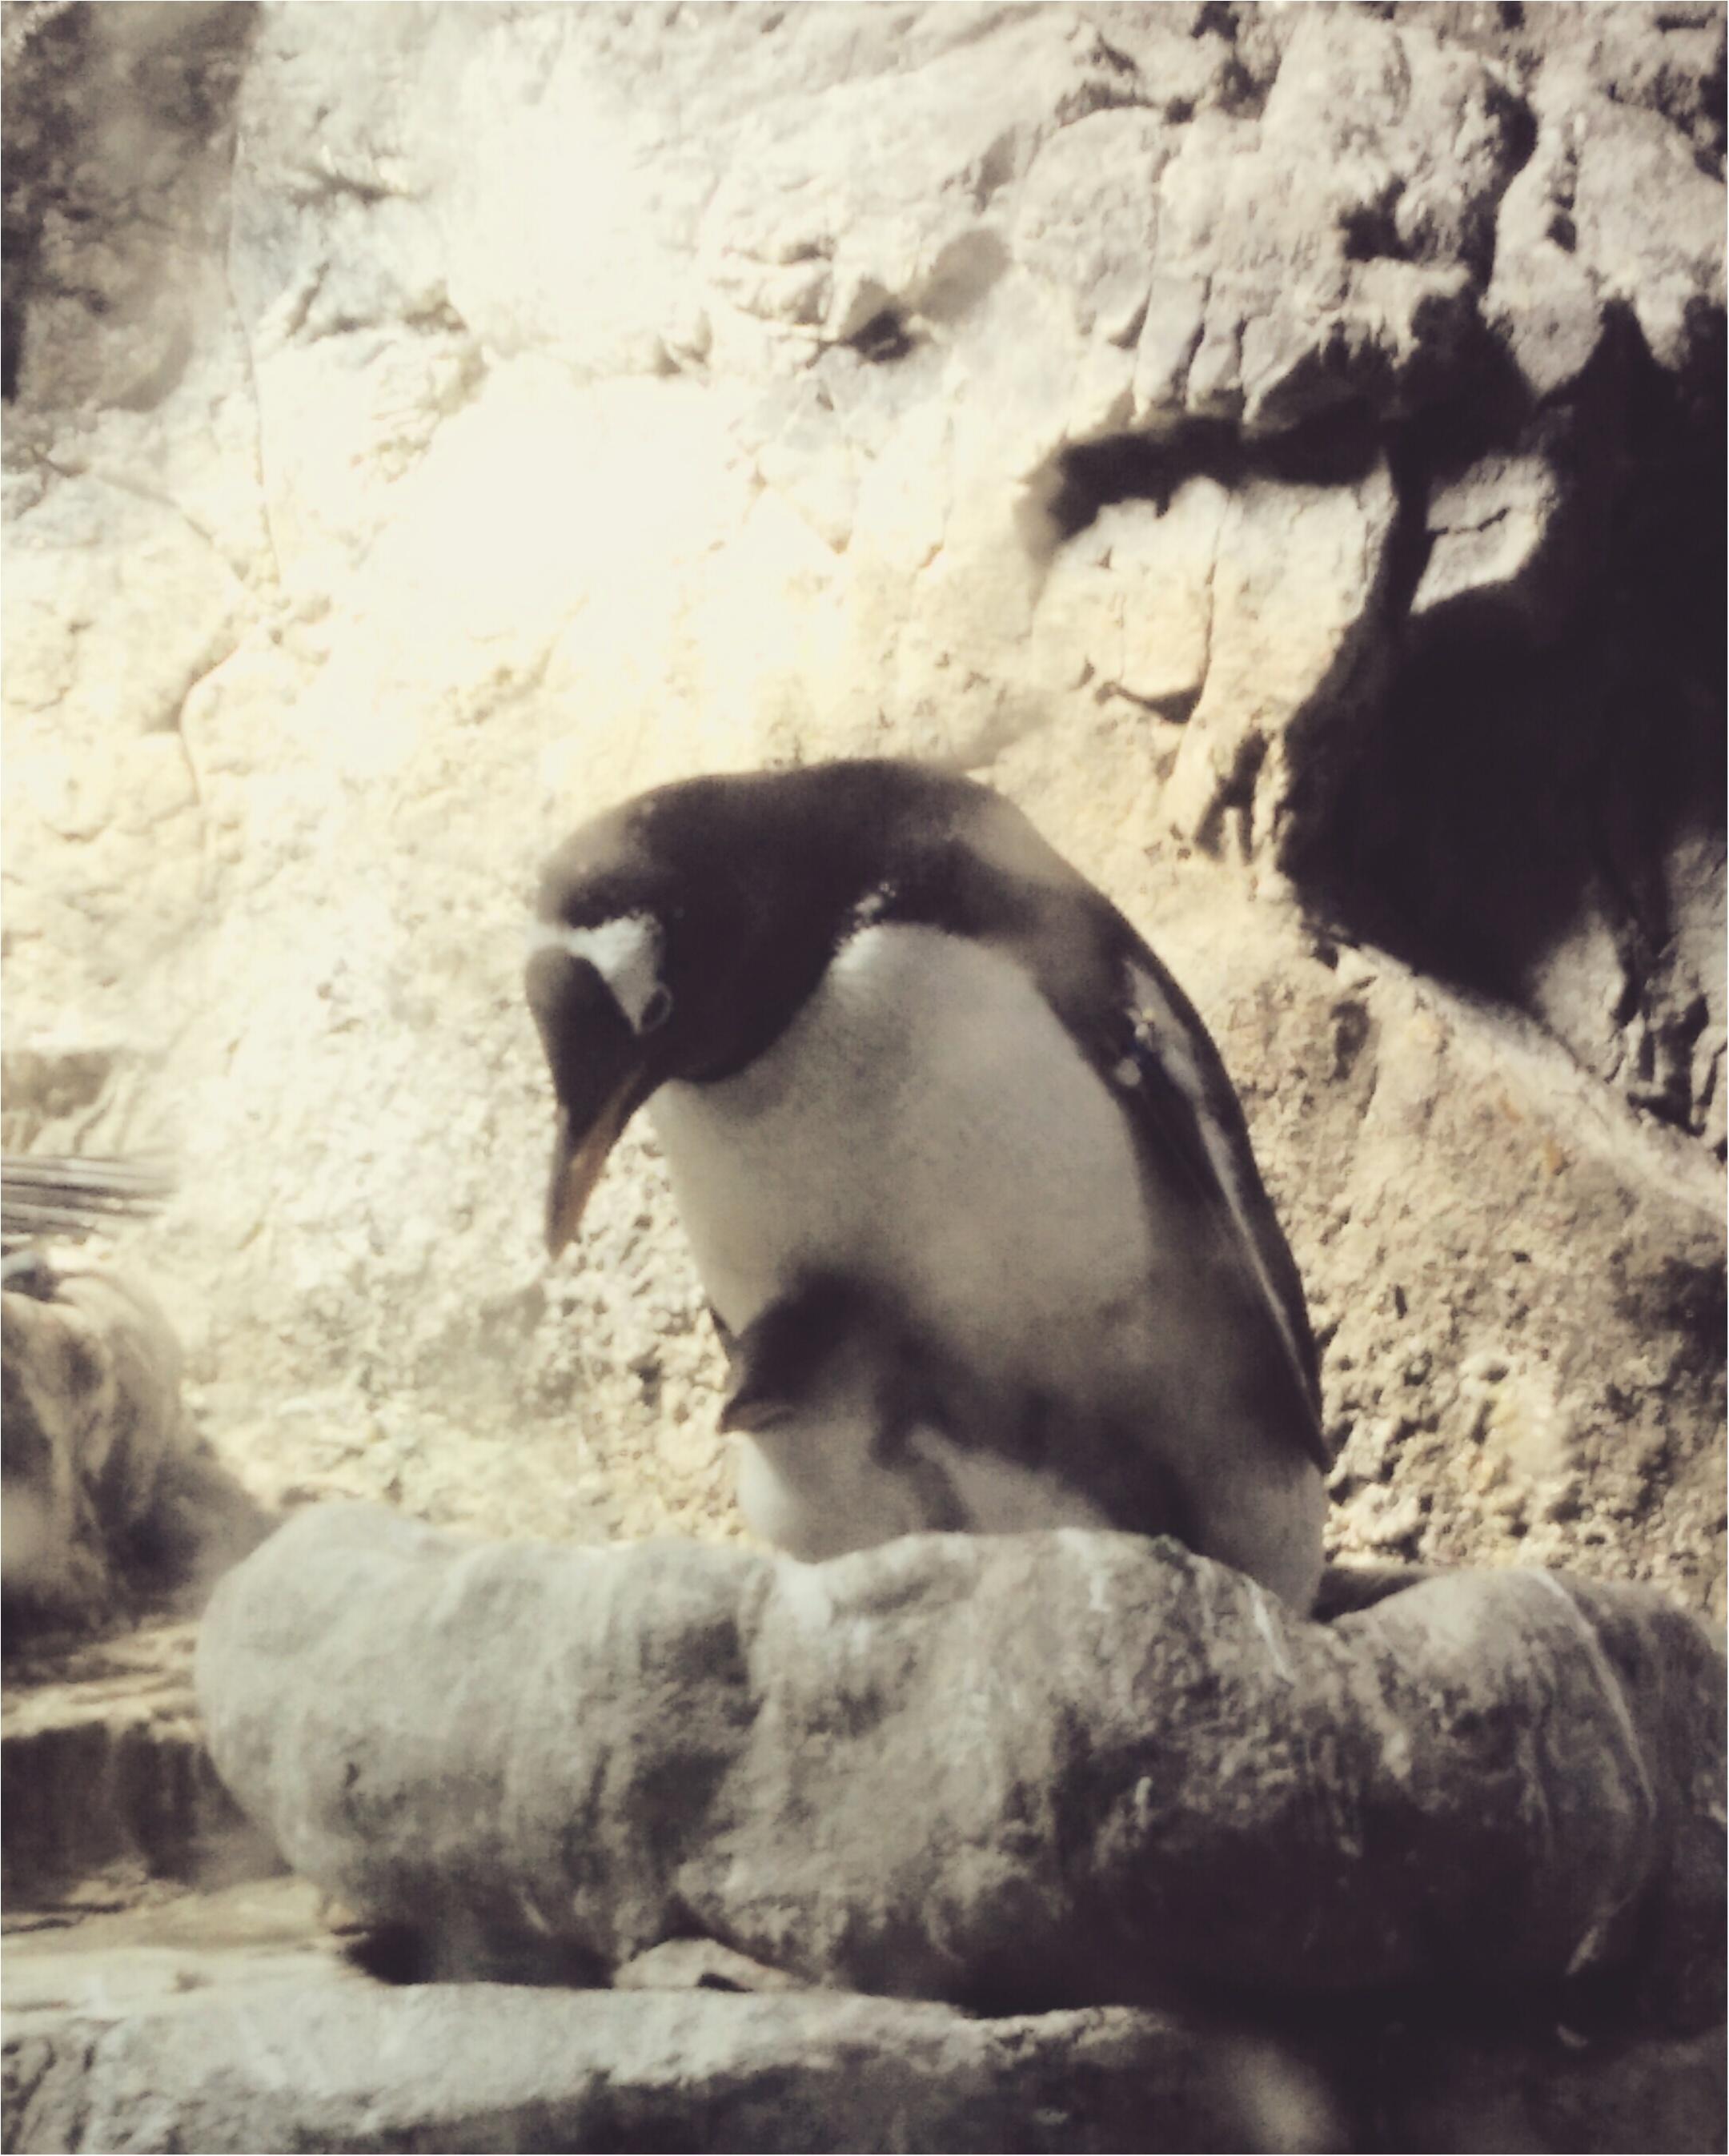 とっても可愛い!【海遊館】でペンギンの赤ちゃんが生まれましたよ!!(443 まゆ_2